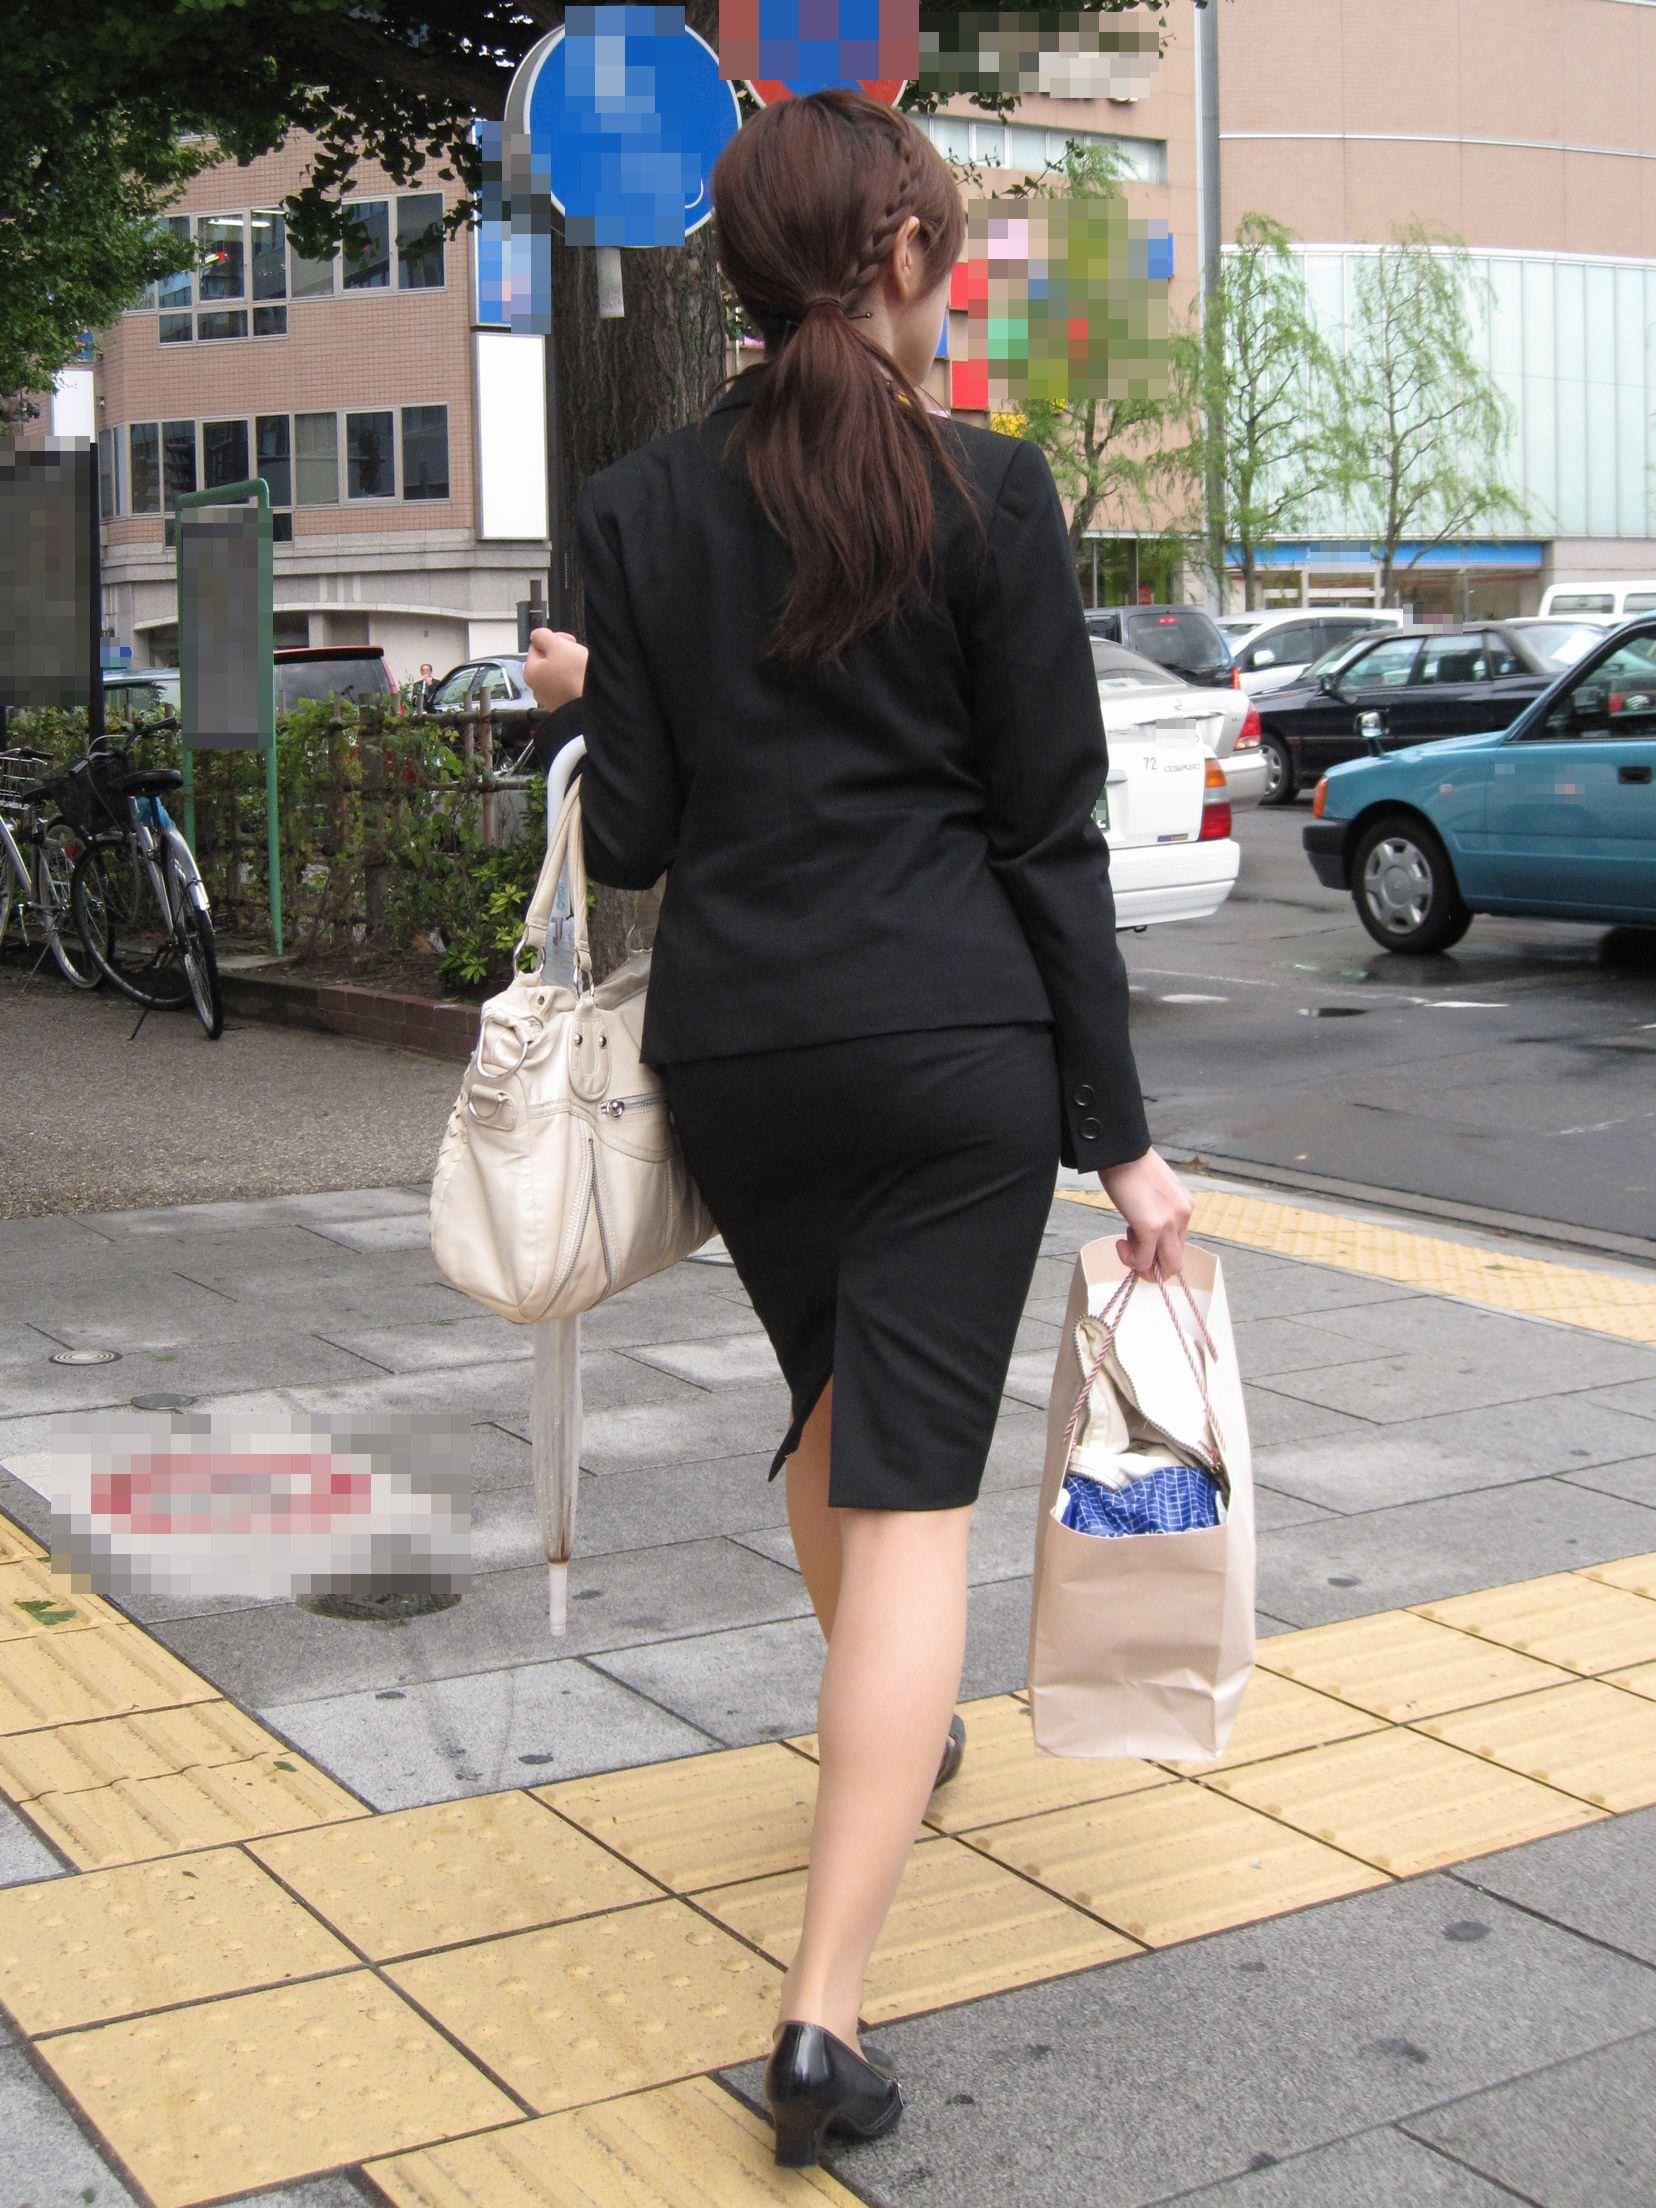 お尻の形が丸わかりなOLさんを尾行して街撮り盗撮www 3054